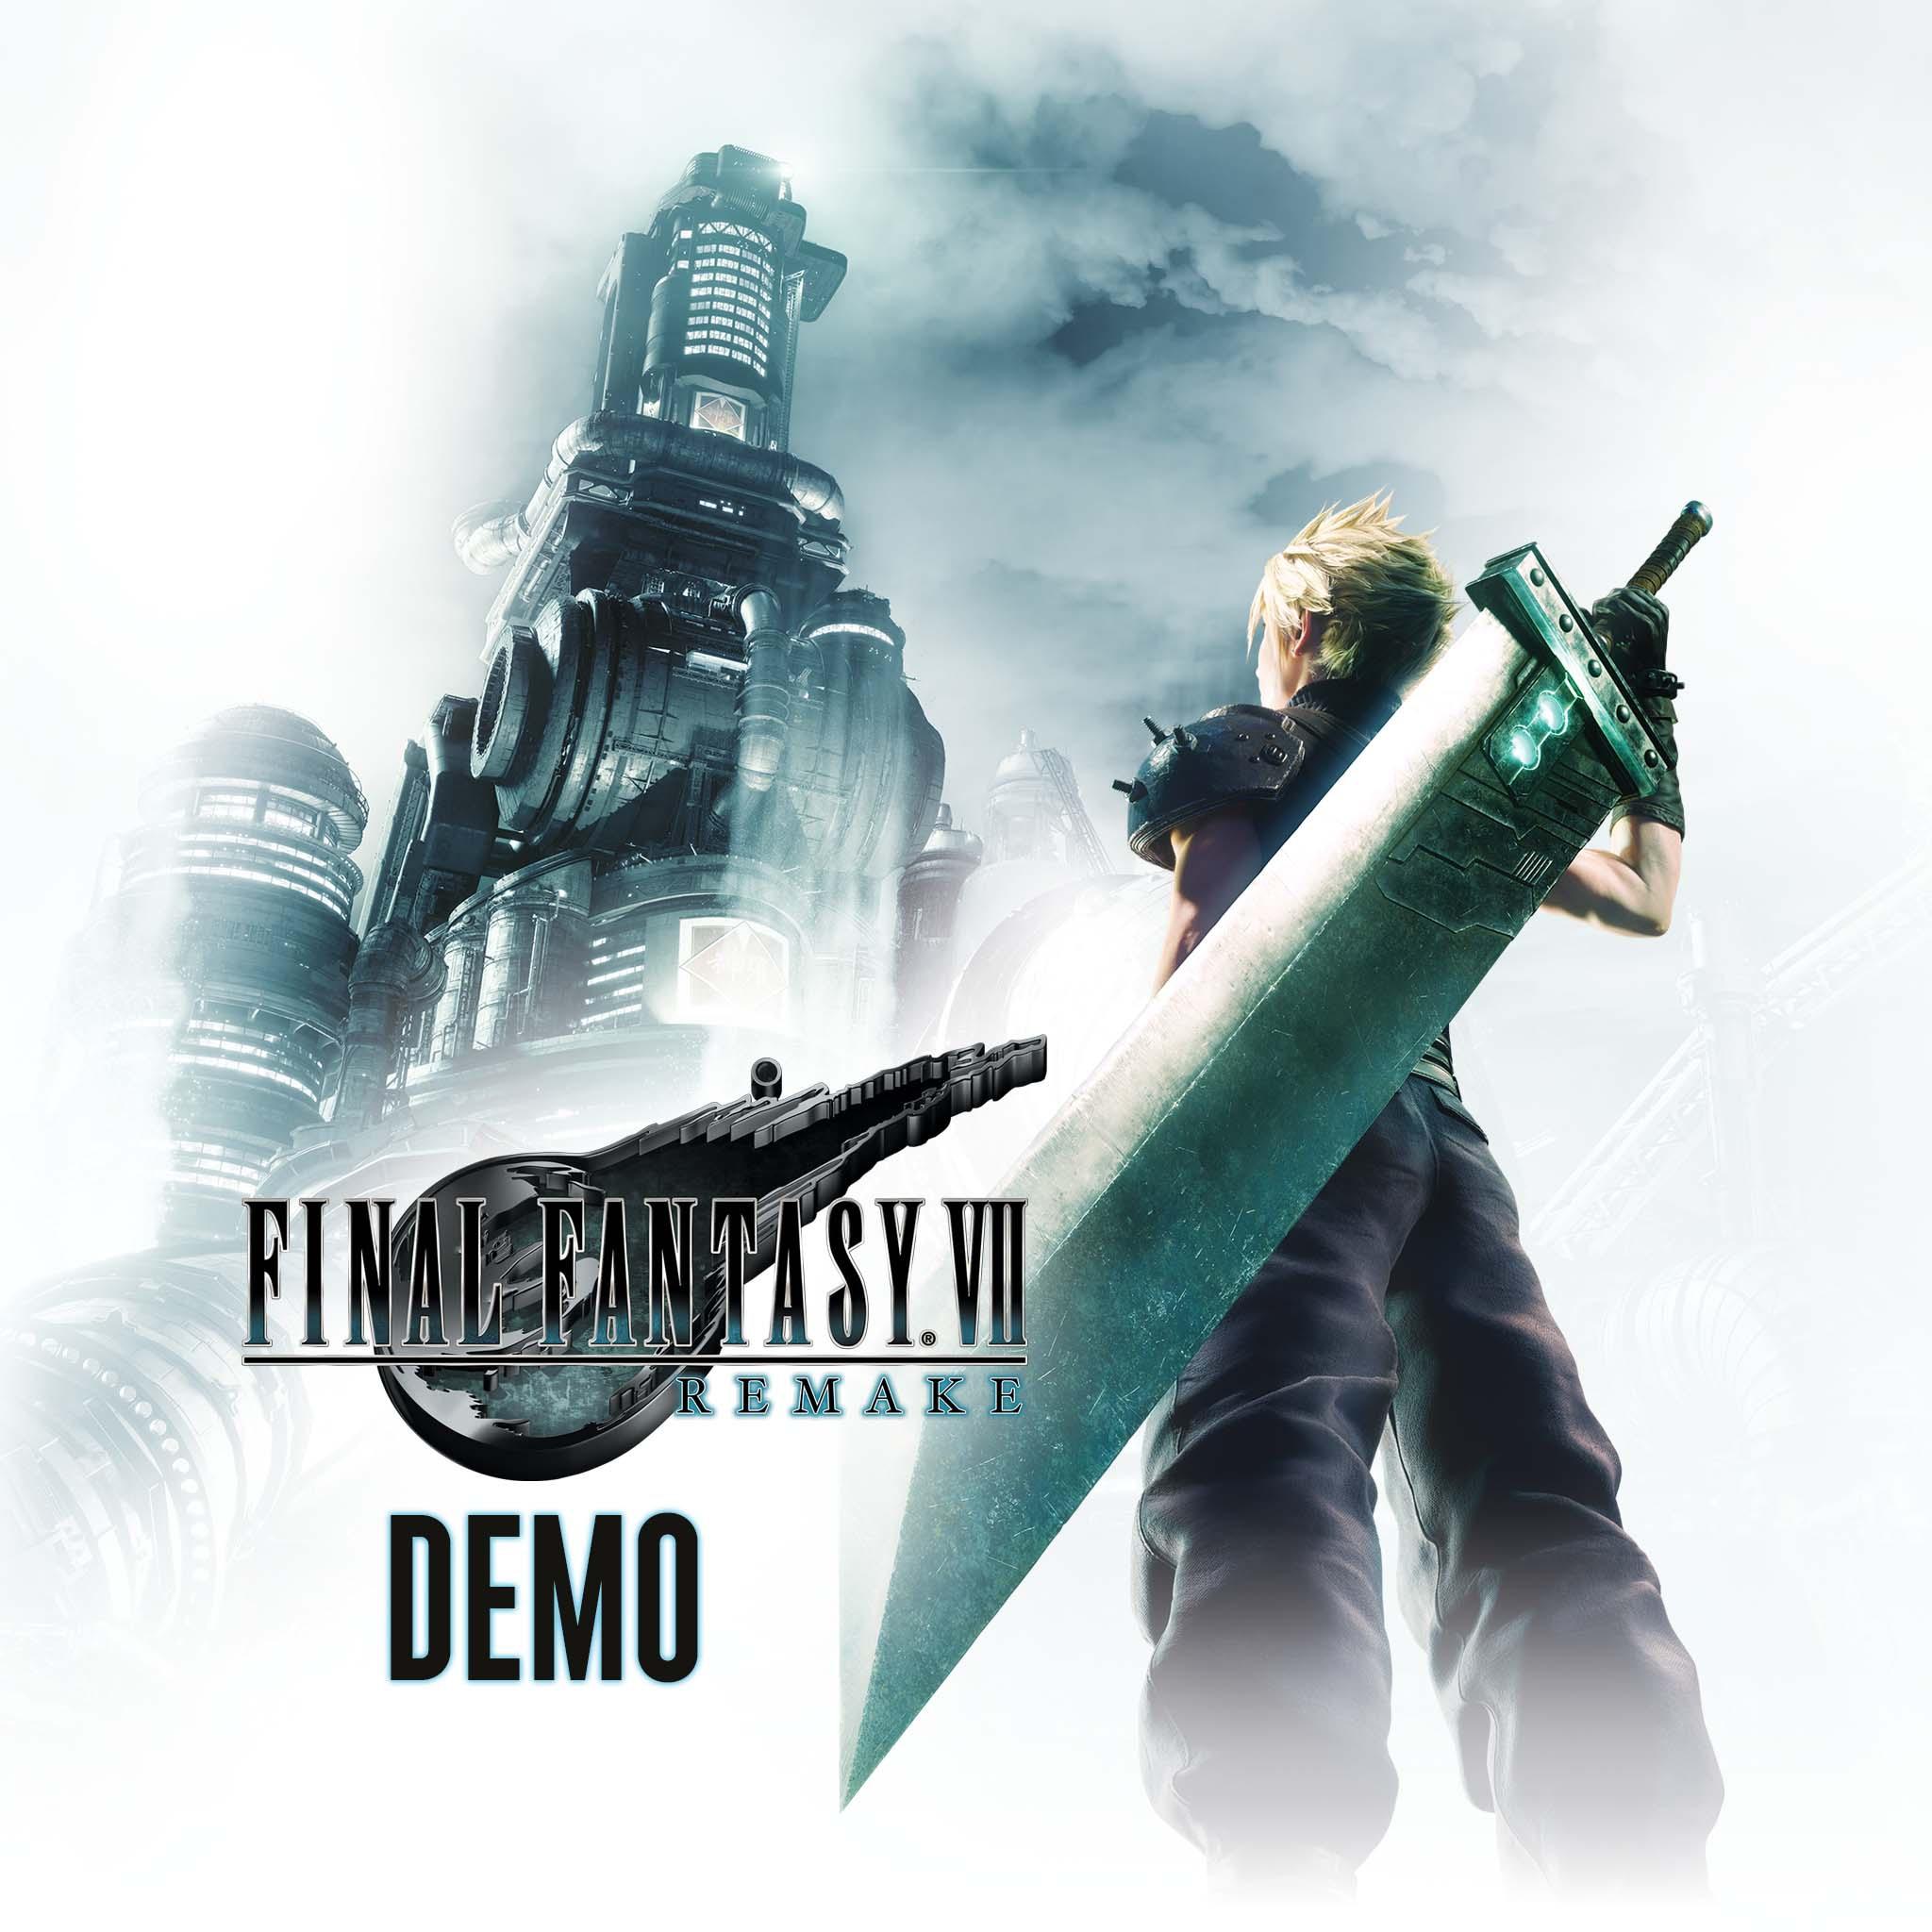 بازی Final Fantasy VII Remake بیش از 100 گیگابایت حجم خواهد داشت